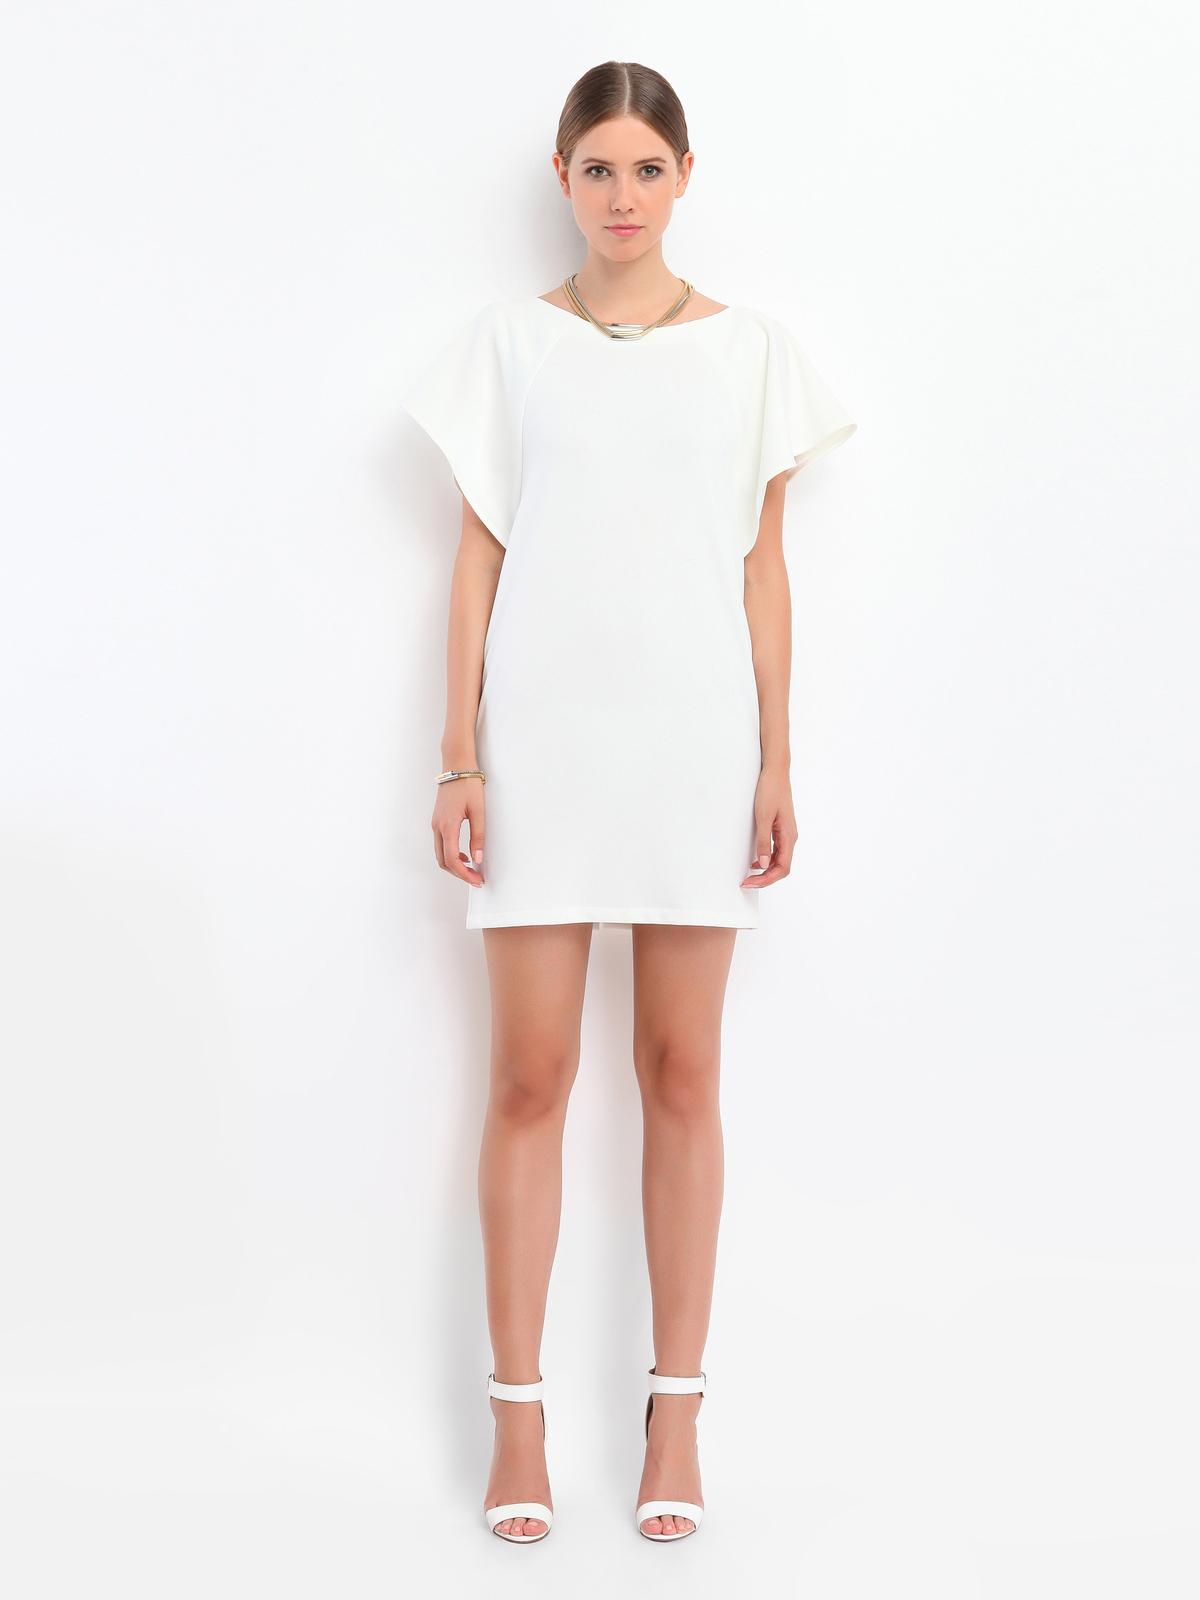 Κομψό φόρεμα πεταλούδα. Άνοιξη- Καλοκαίρι 2015.